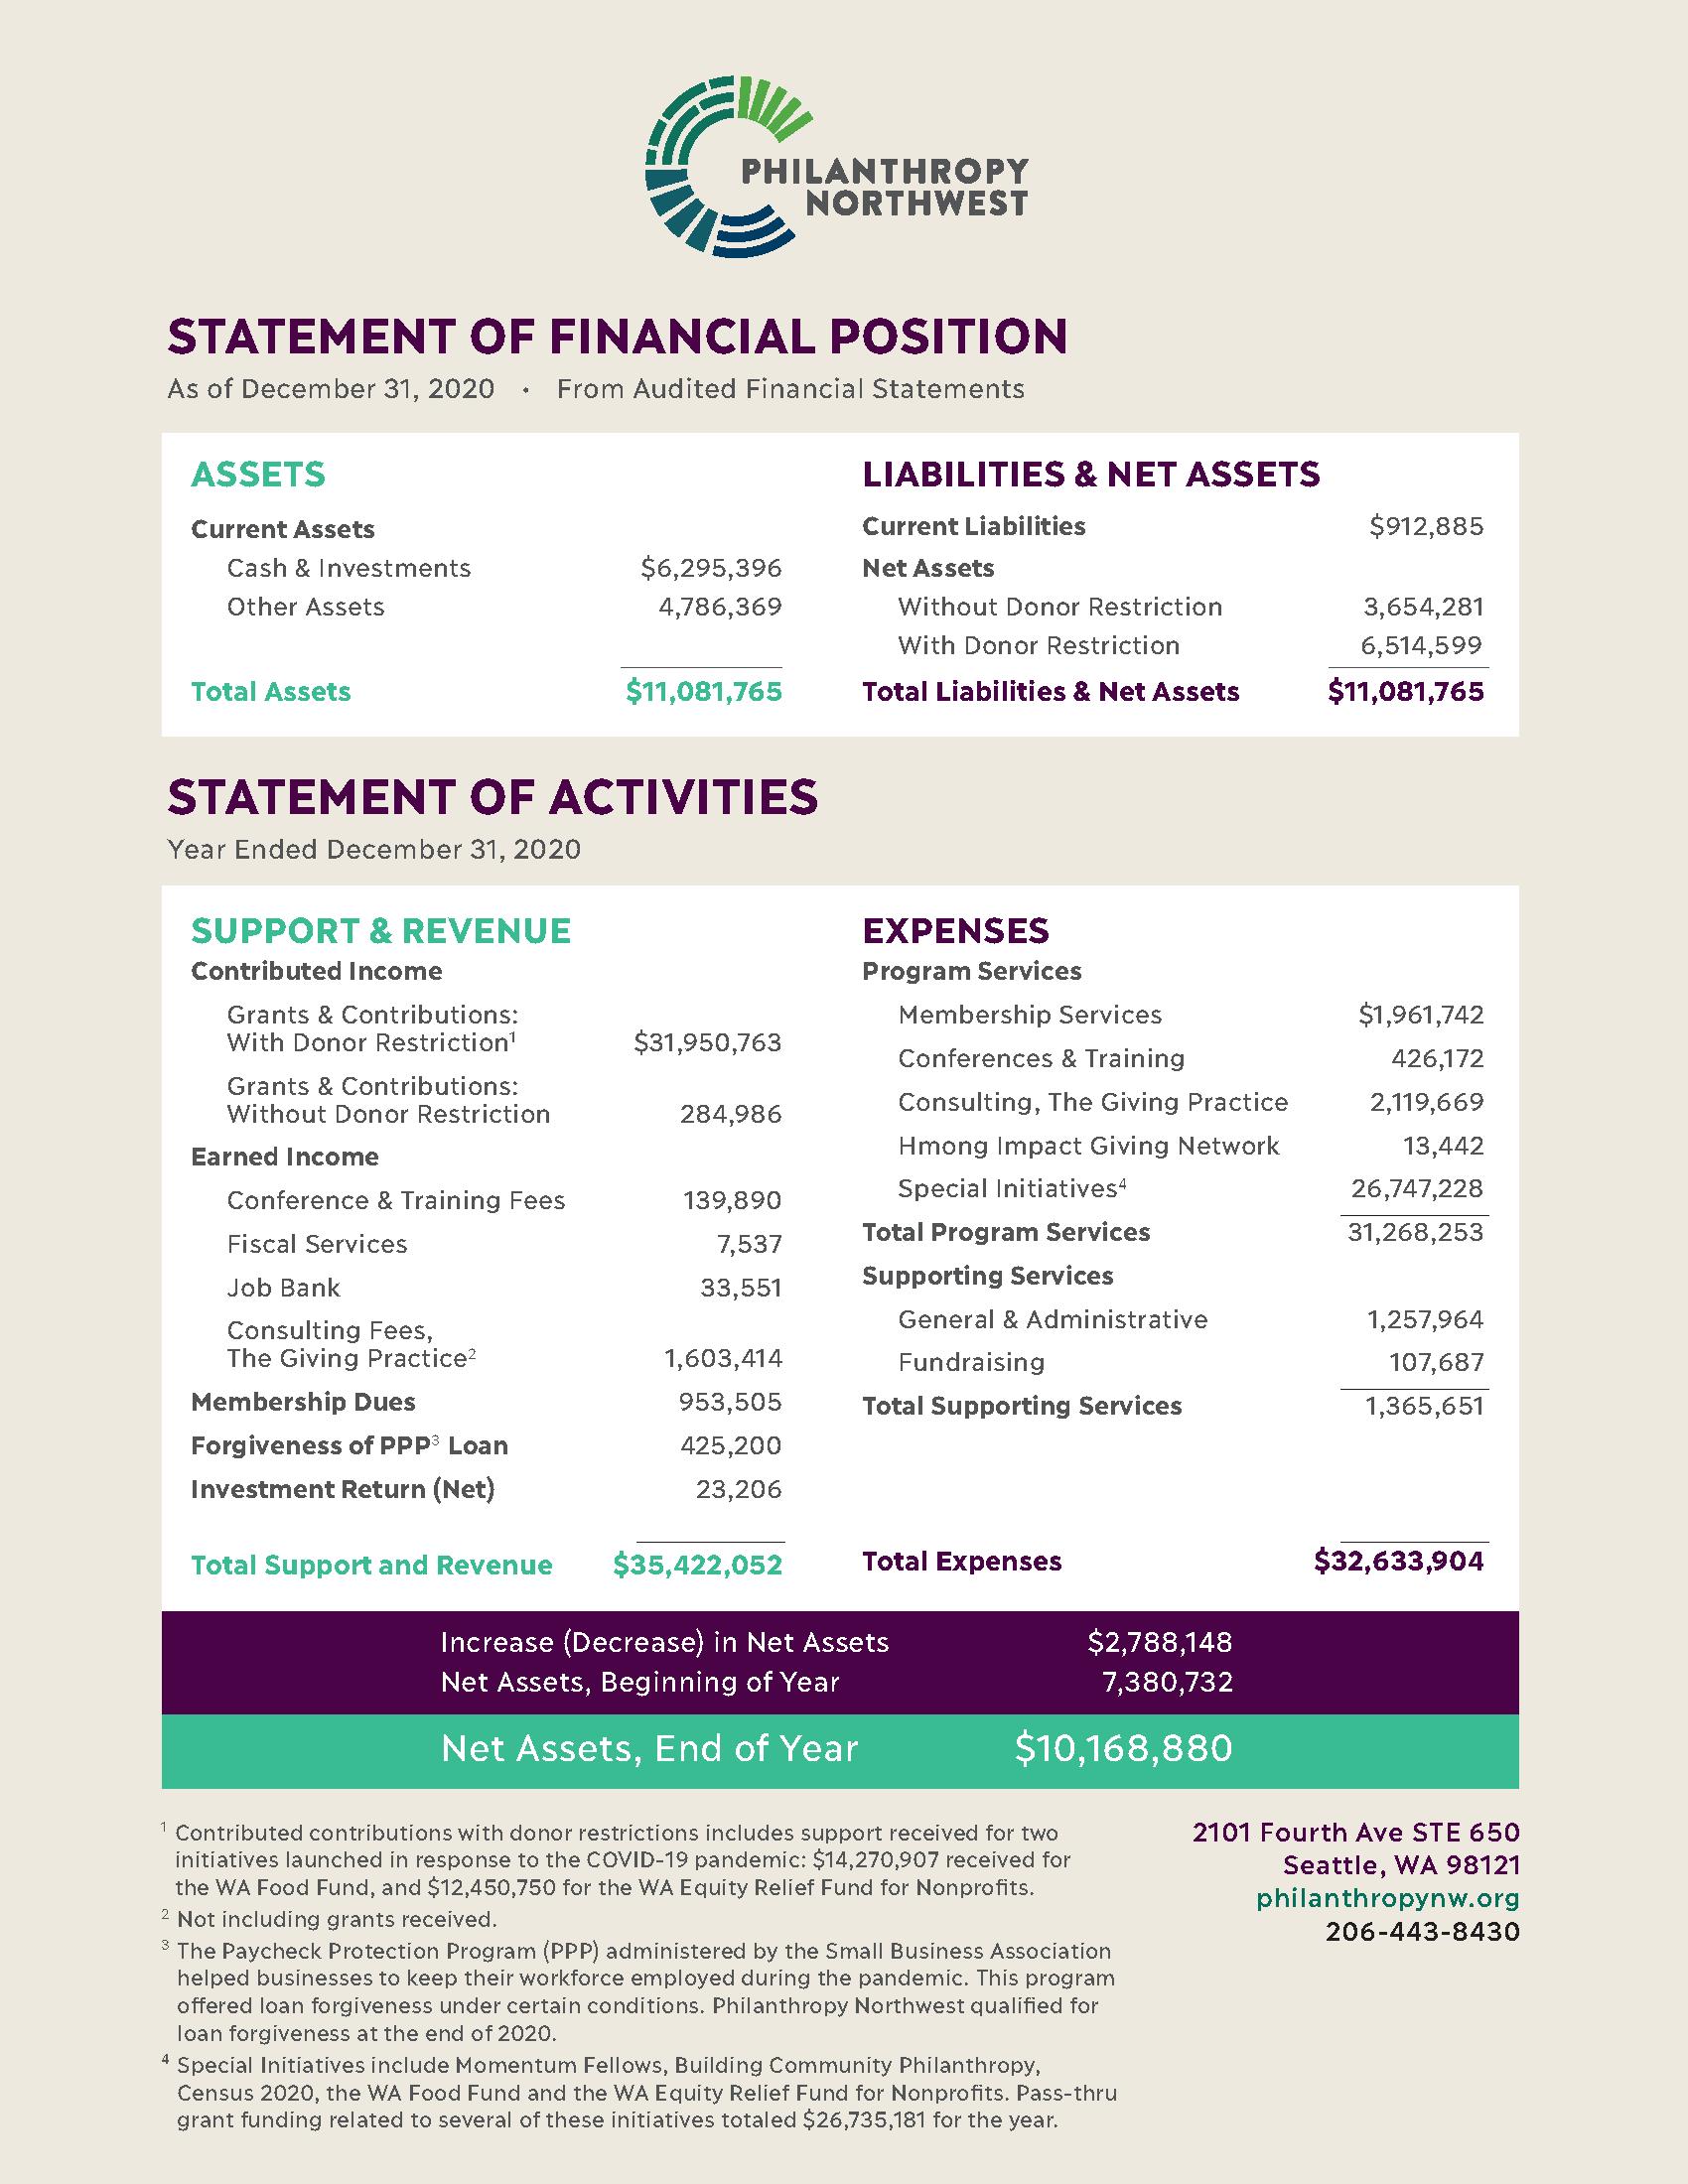 Philanthropy Northwest 2020 Financial Statement